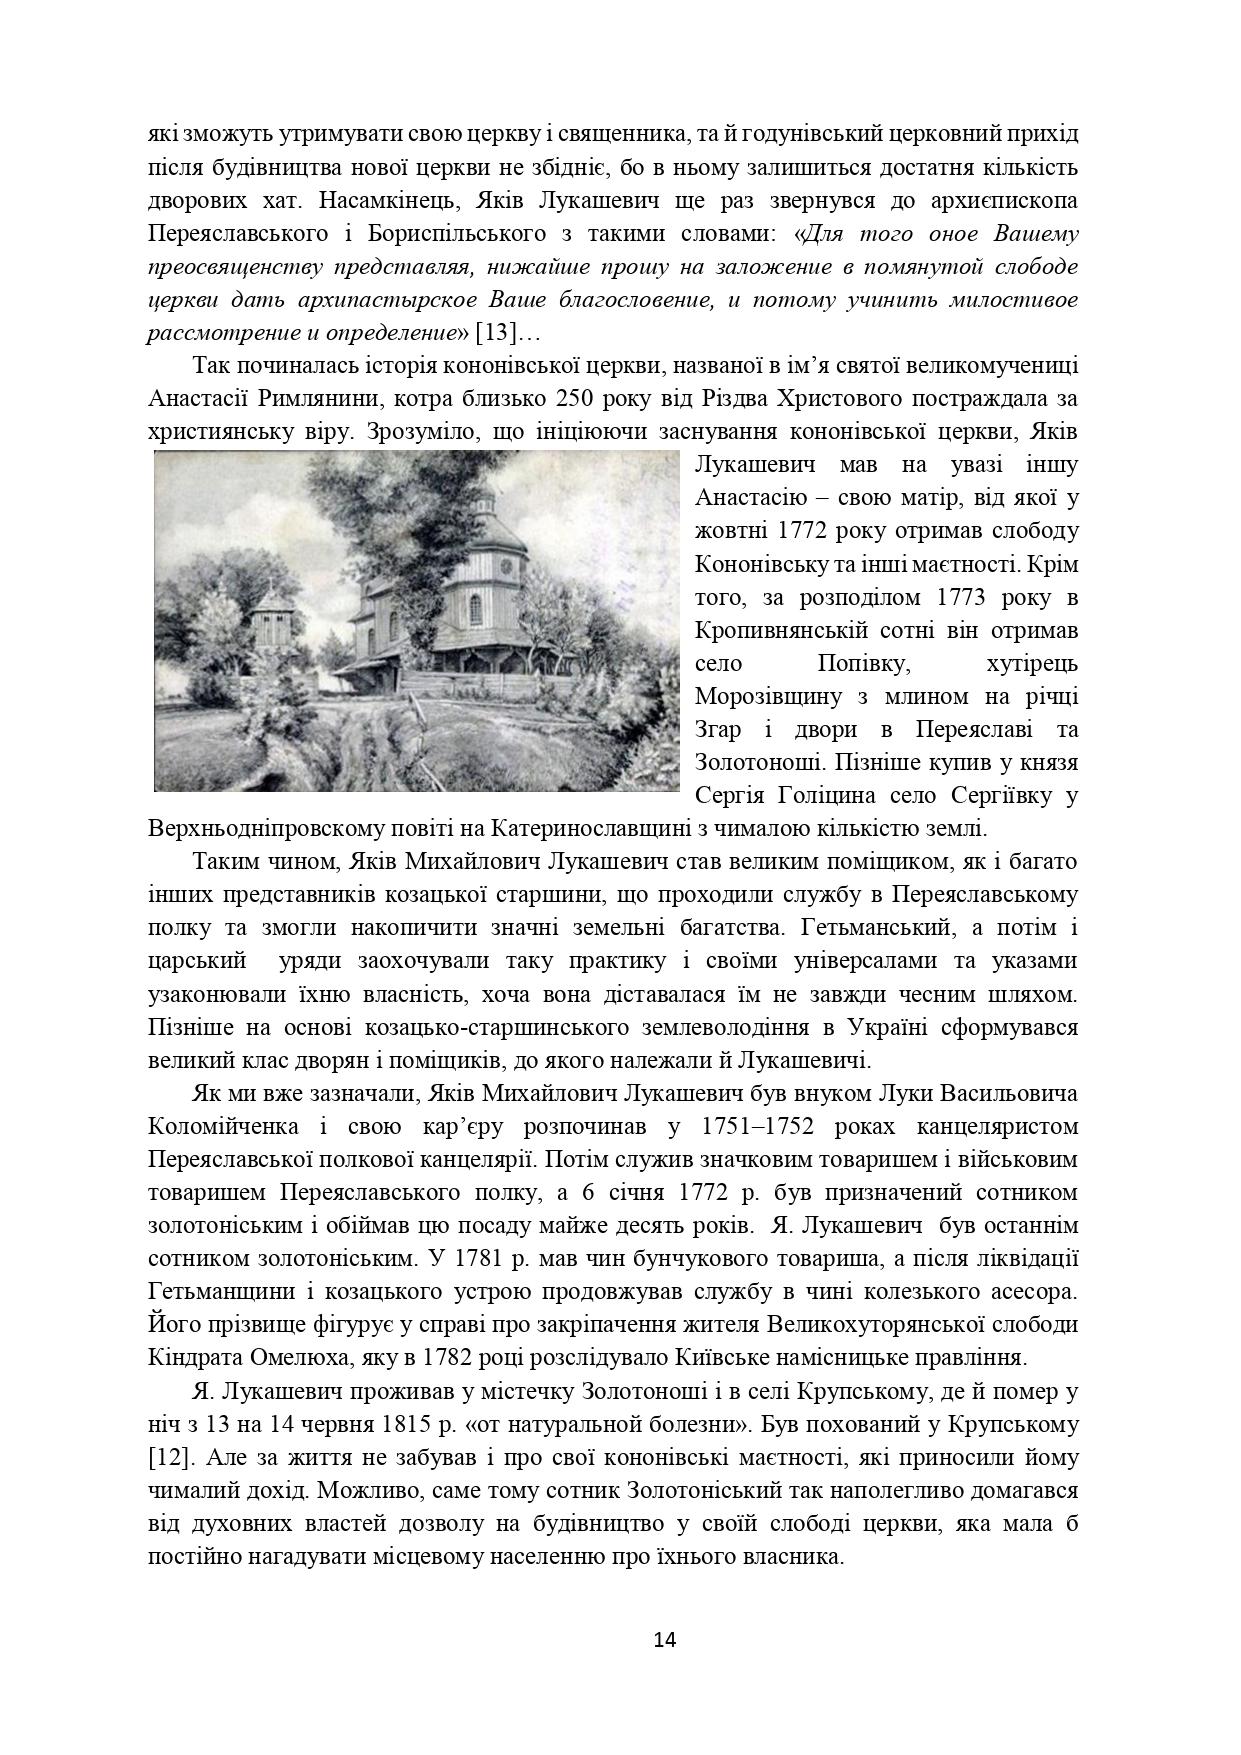 ІСТОРІЯ СЕЛА КОНОНІВКА 2021 (1)_page-0014